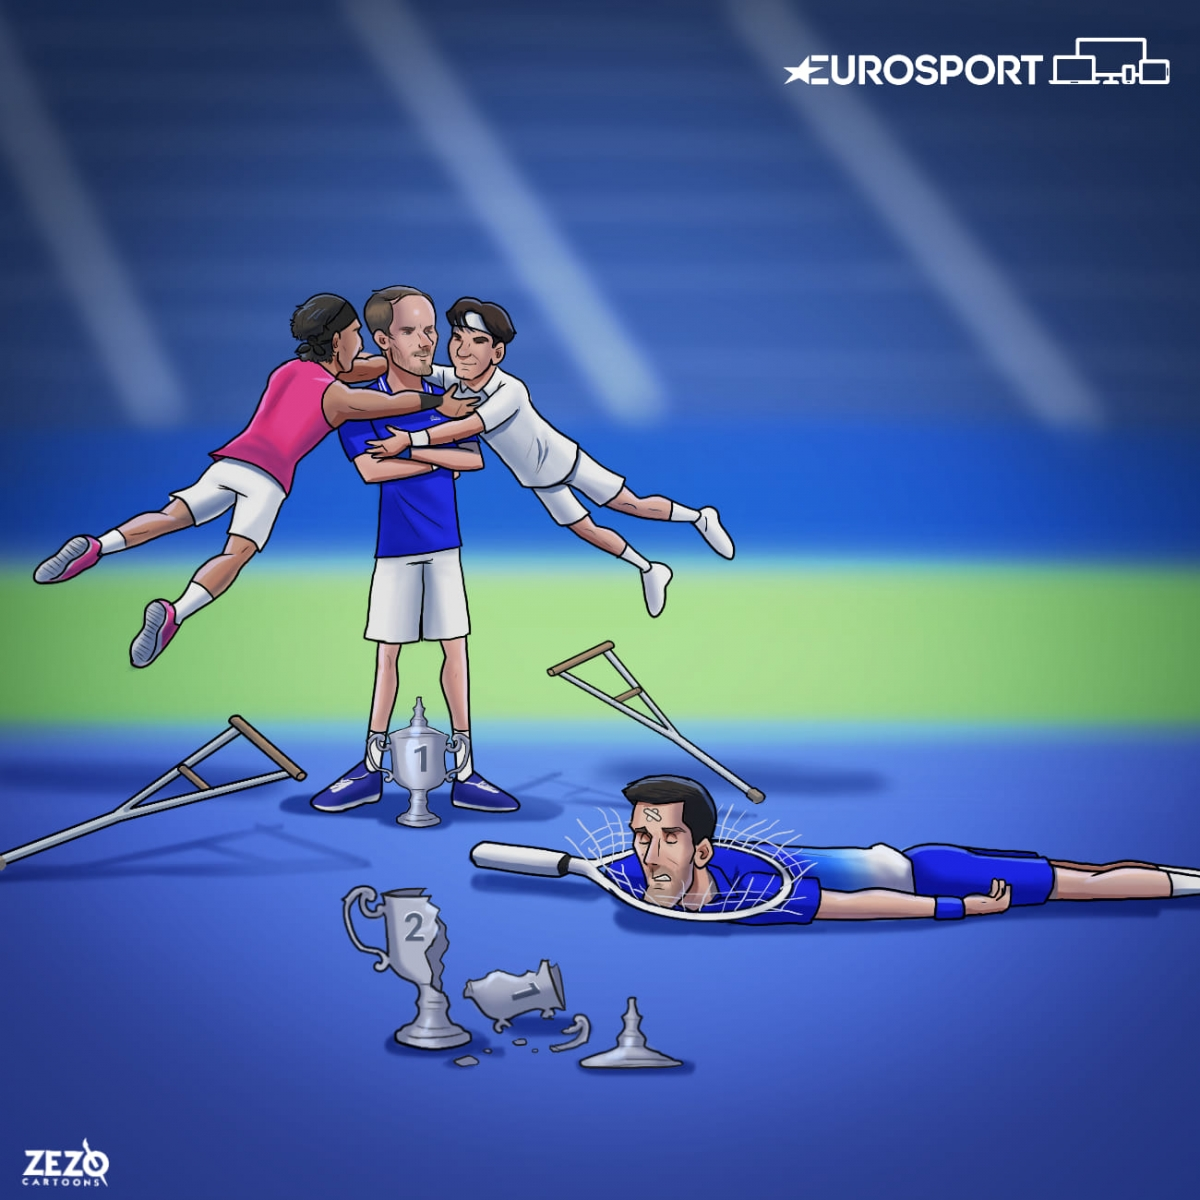 Nadal và Federer cảm ơn Medvedev đã ngăn cản được Djokovic. (Ảnh: Zezo Cartoons)./.